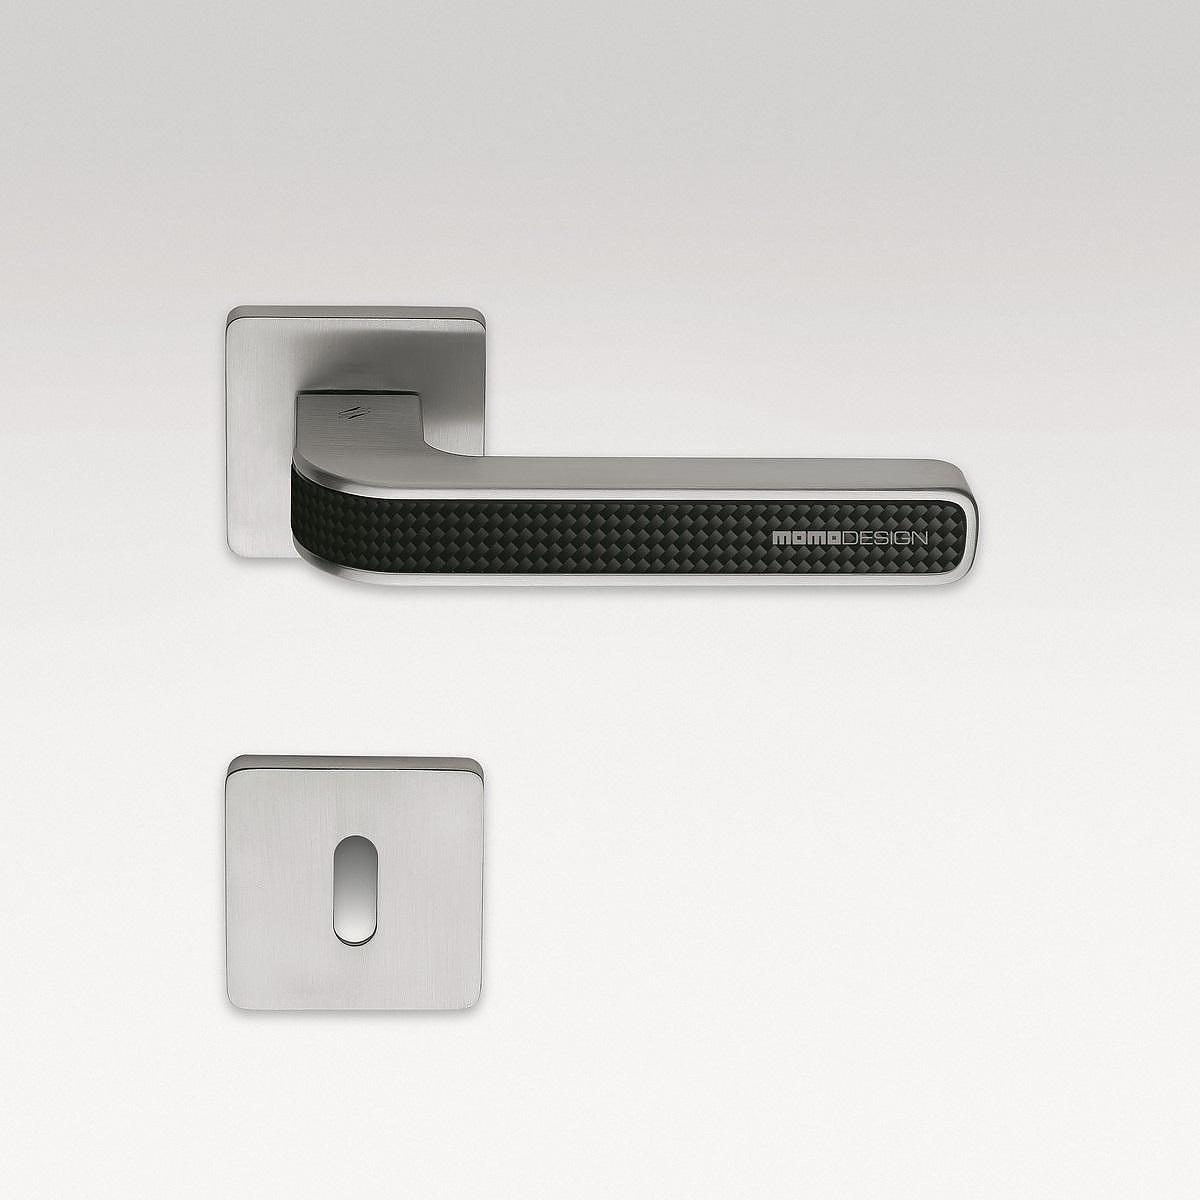 TECNO Carbon Fiber Door Handle by MOMO DESIGN.